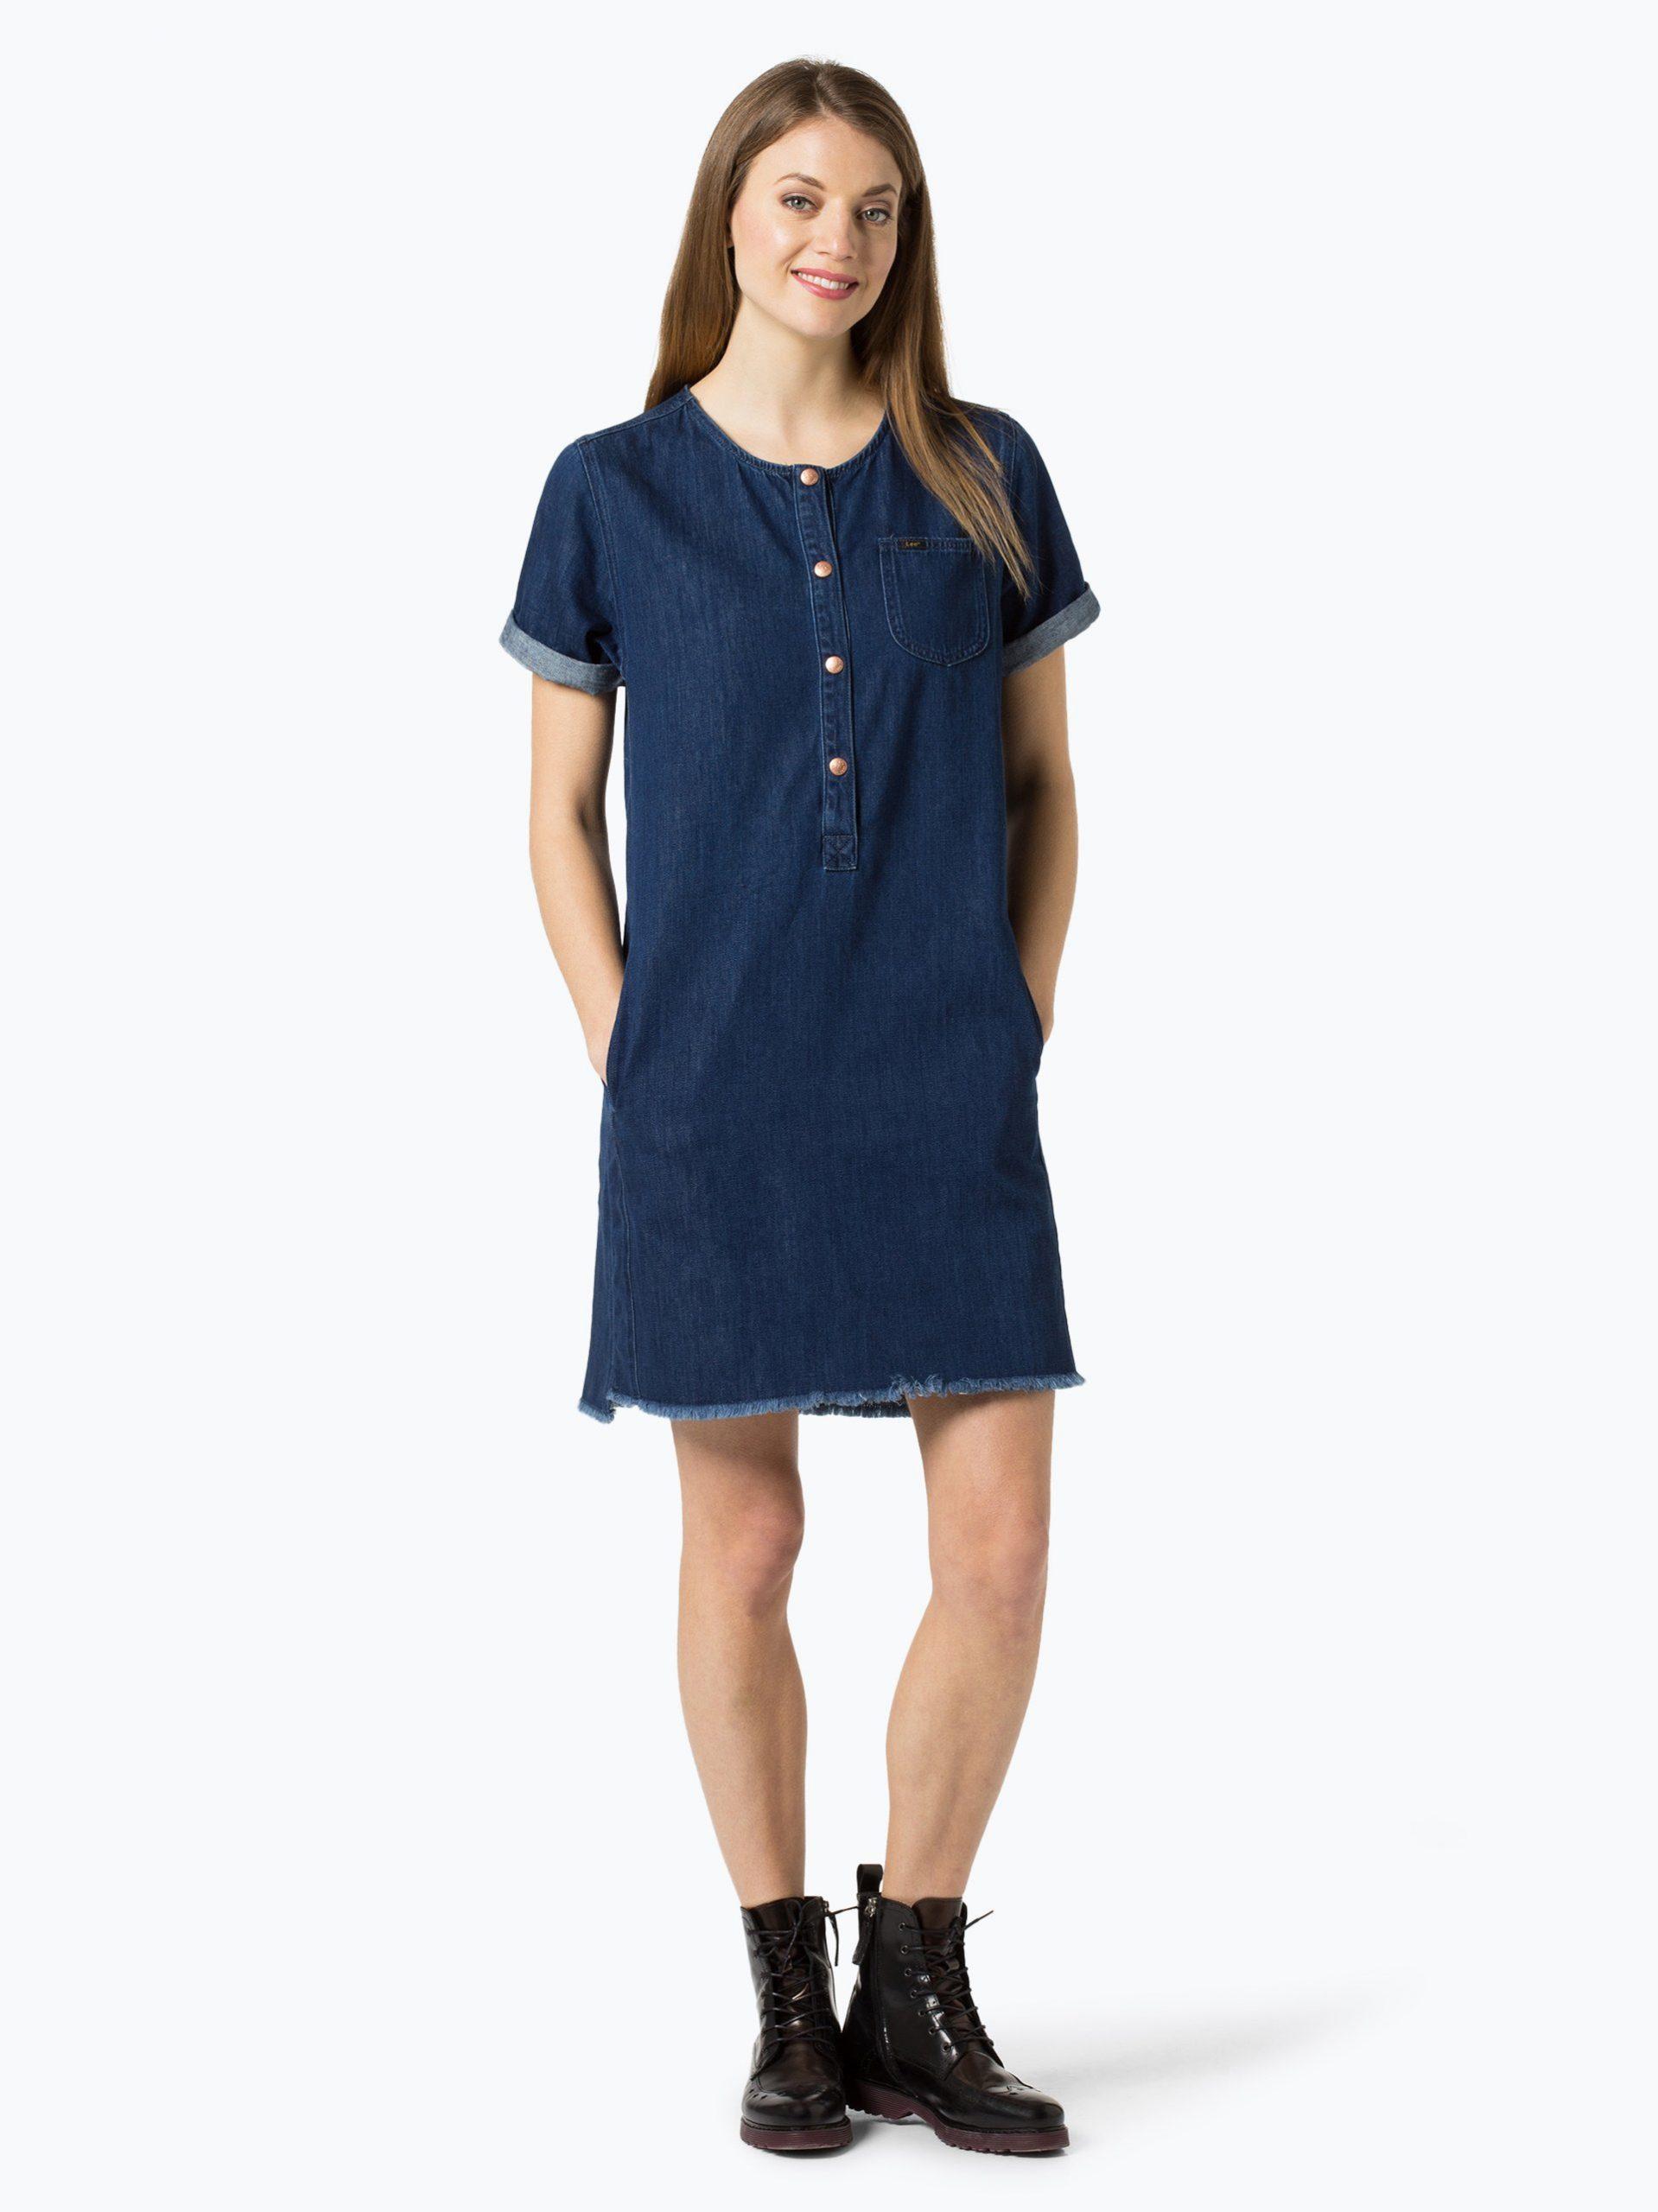 Lee Damen Jeanskleid Online Kaufen  Peekundcloppenburgde